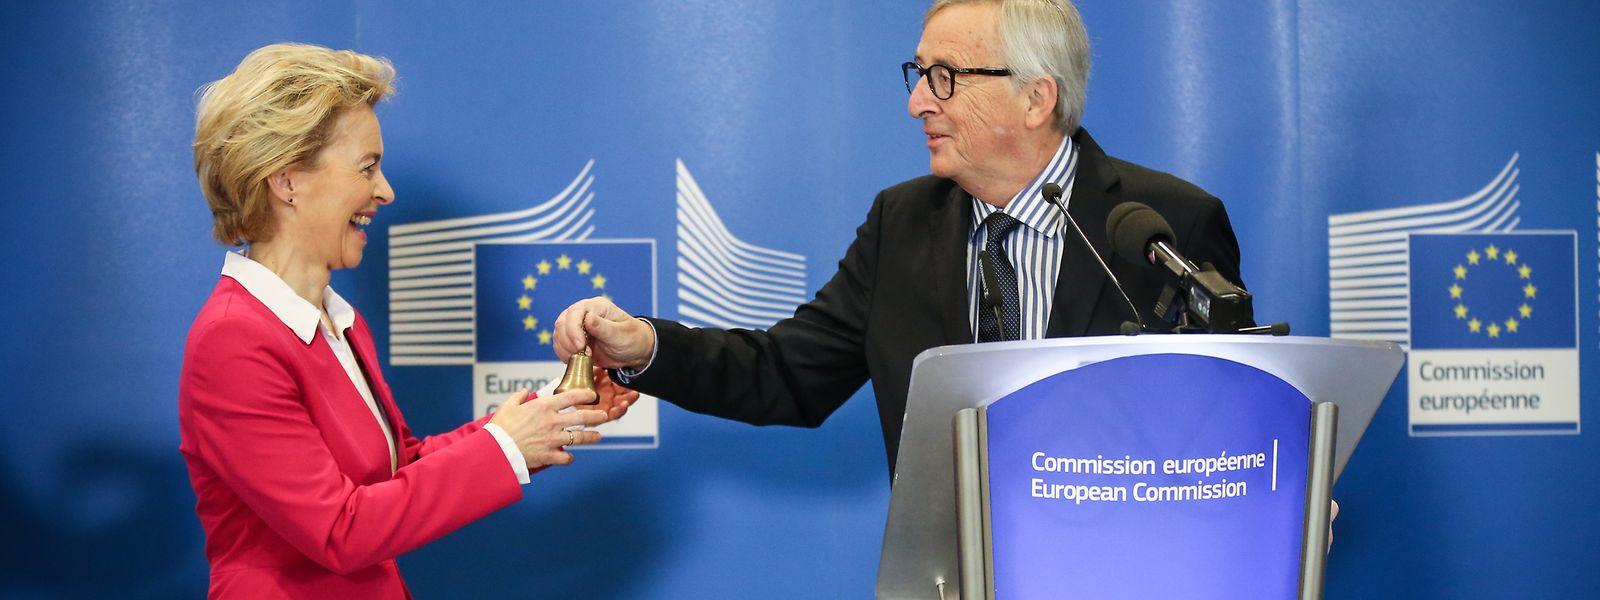 Juncker bei der Amtsübergabe an Ursula von der Leyen.